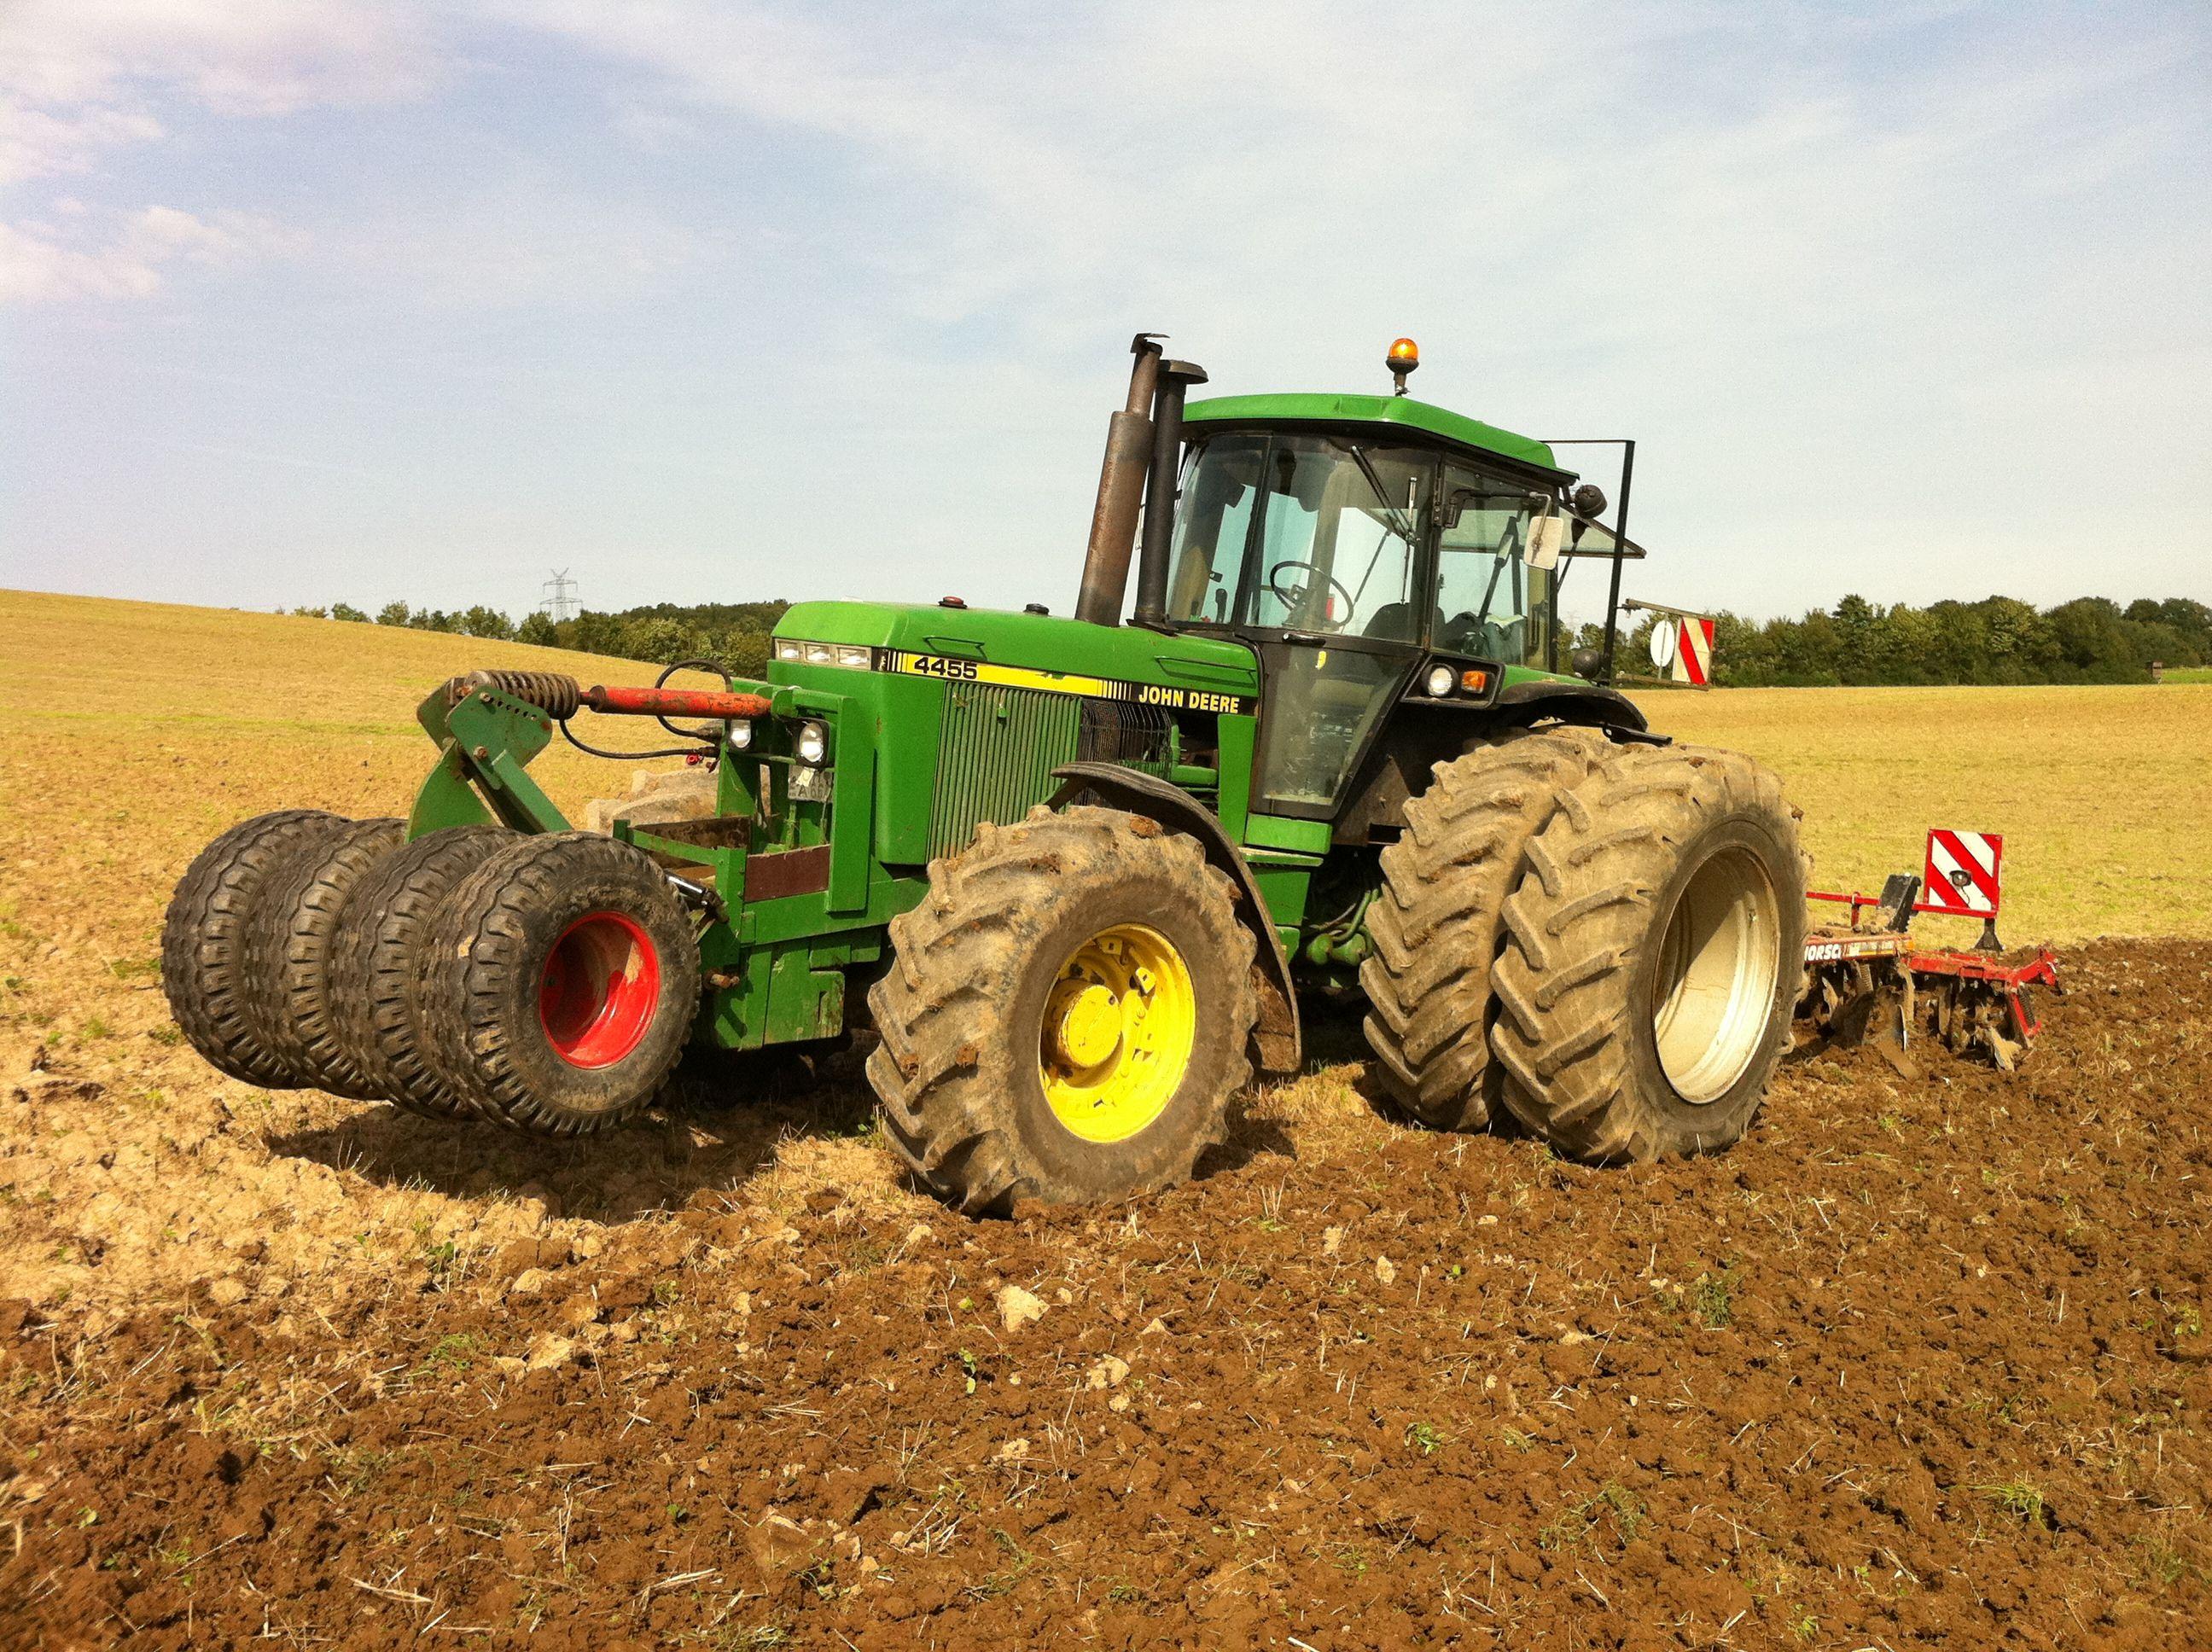 John Deere 4455 | John Deere | Pinterest | Tractor, John deere ...